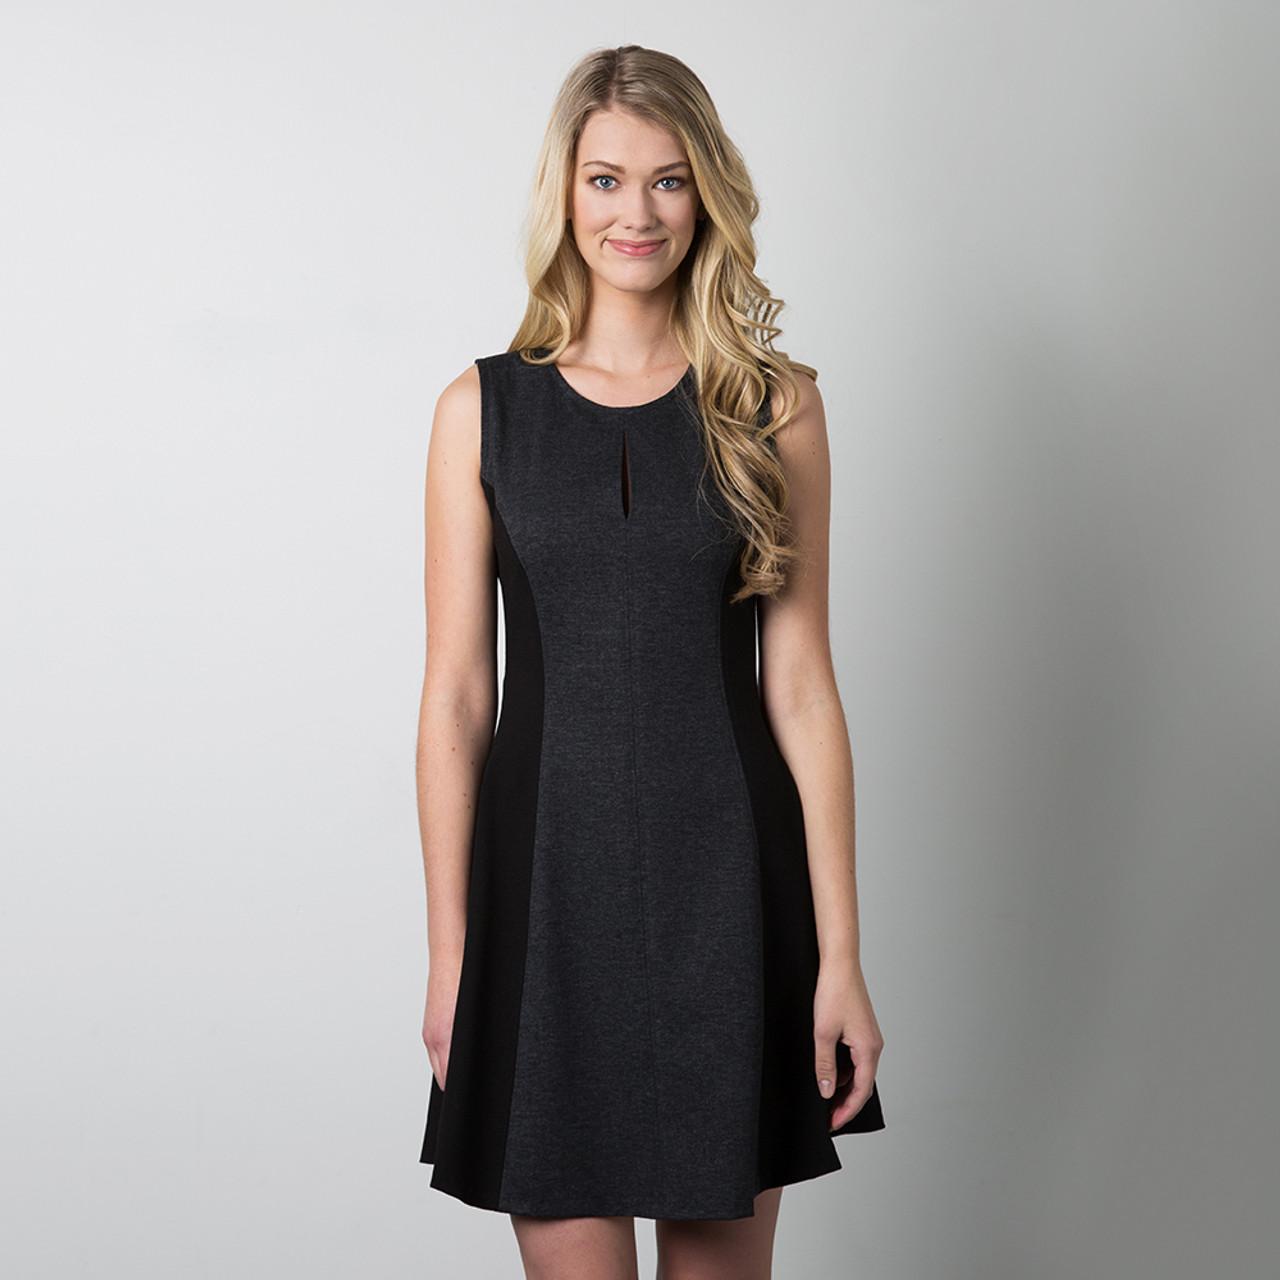 Davie Dress Sewing Pattern By Sewaholic Patterns With Keyhole